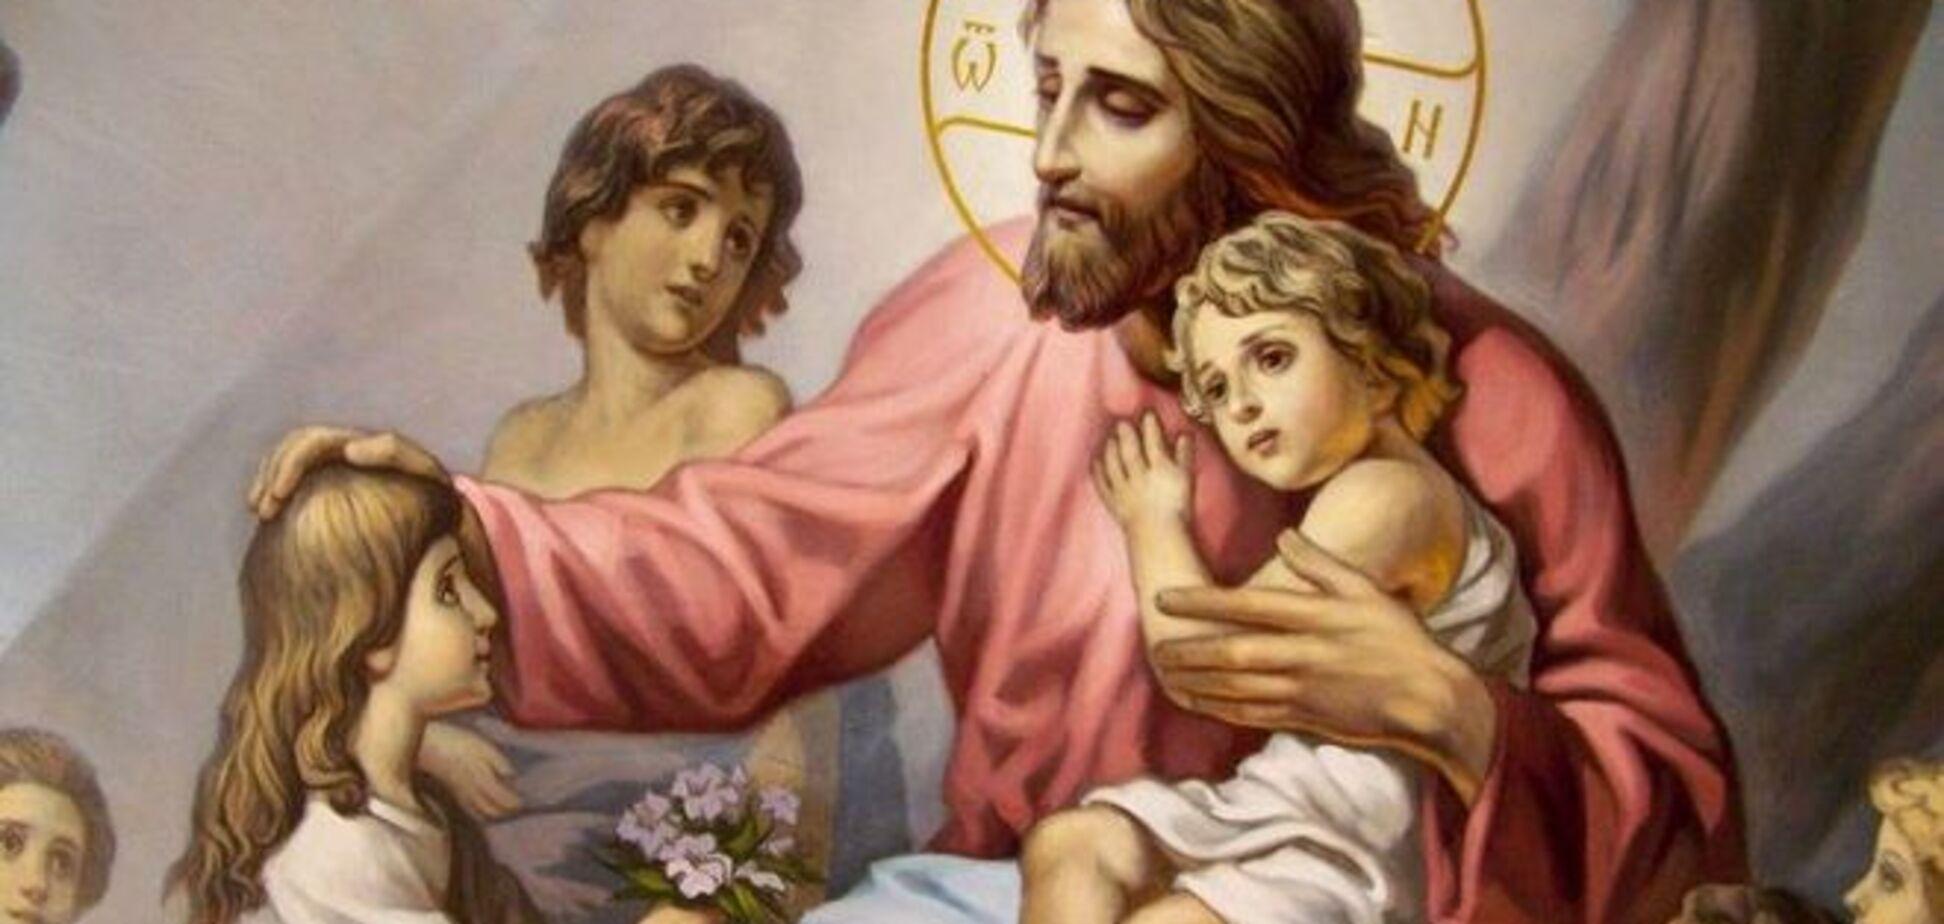 Духовные скрепы по-детски: в России школьники поблагодарят бога за окончание учебного года